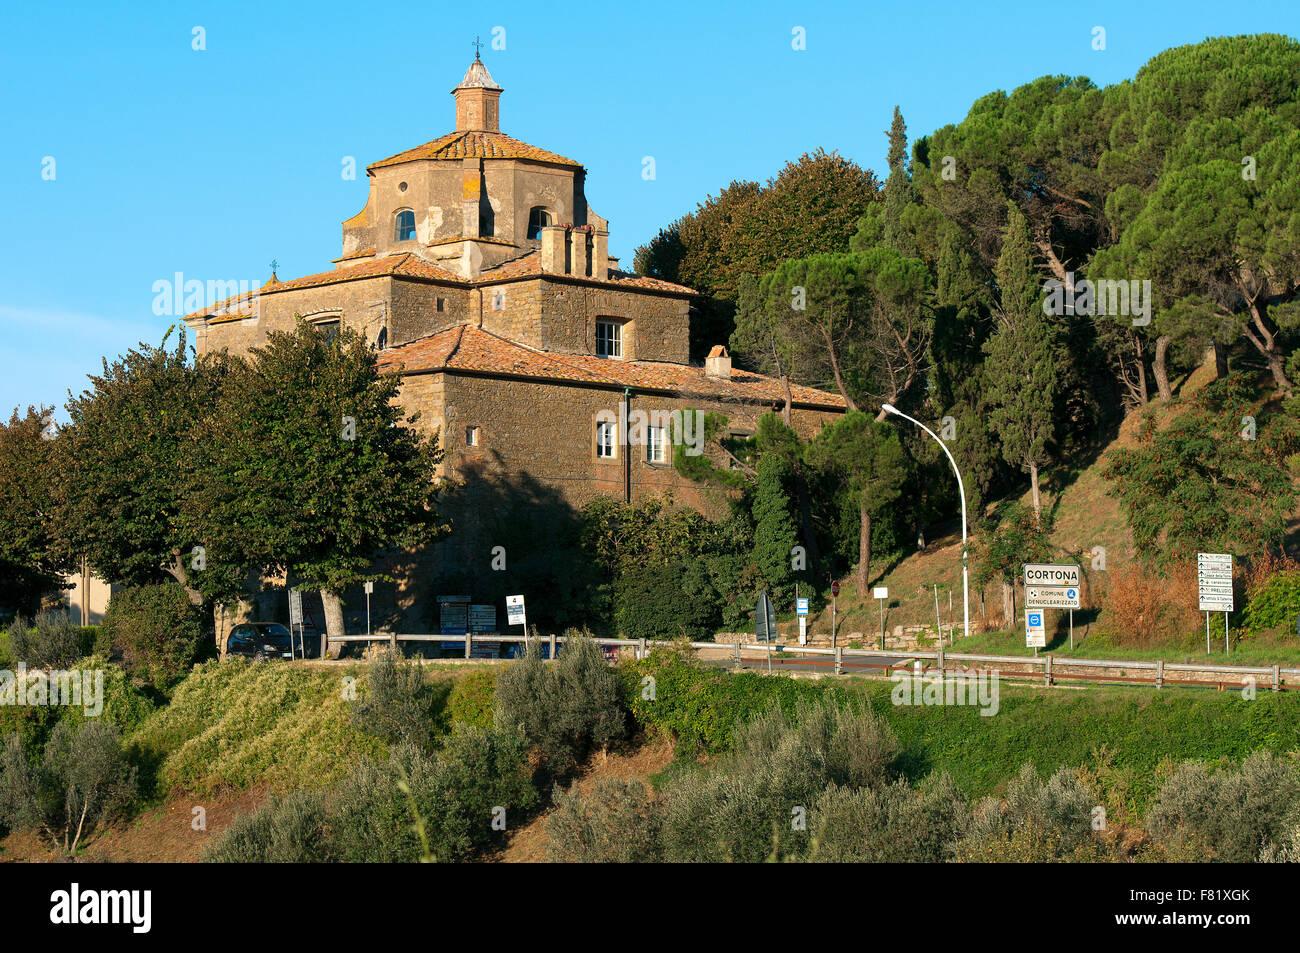 Church of Santo Spirito, Cortona, Tuscany, Italy - Stock Image